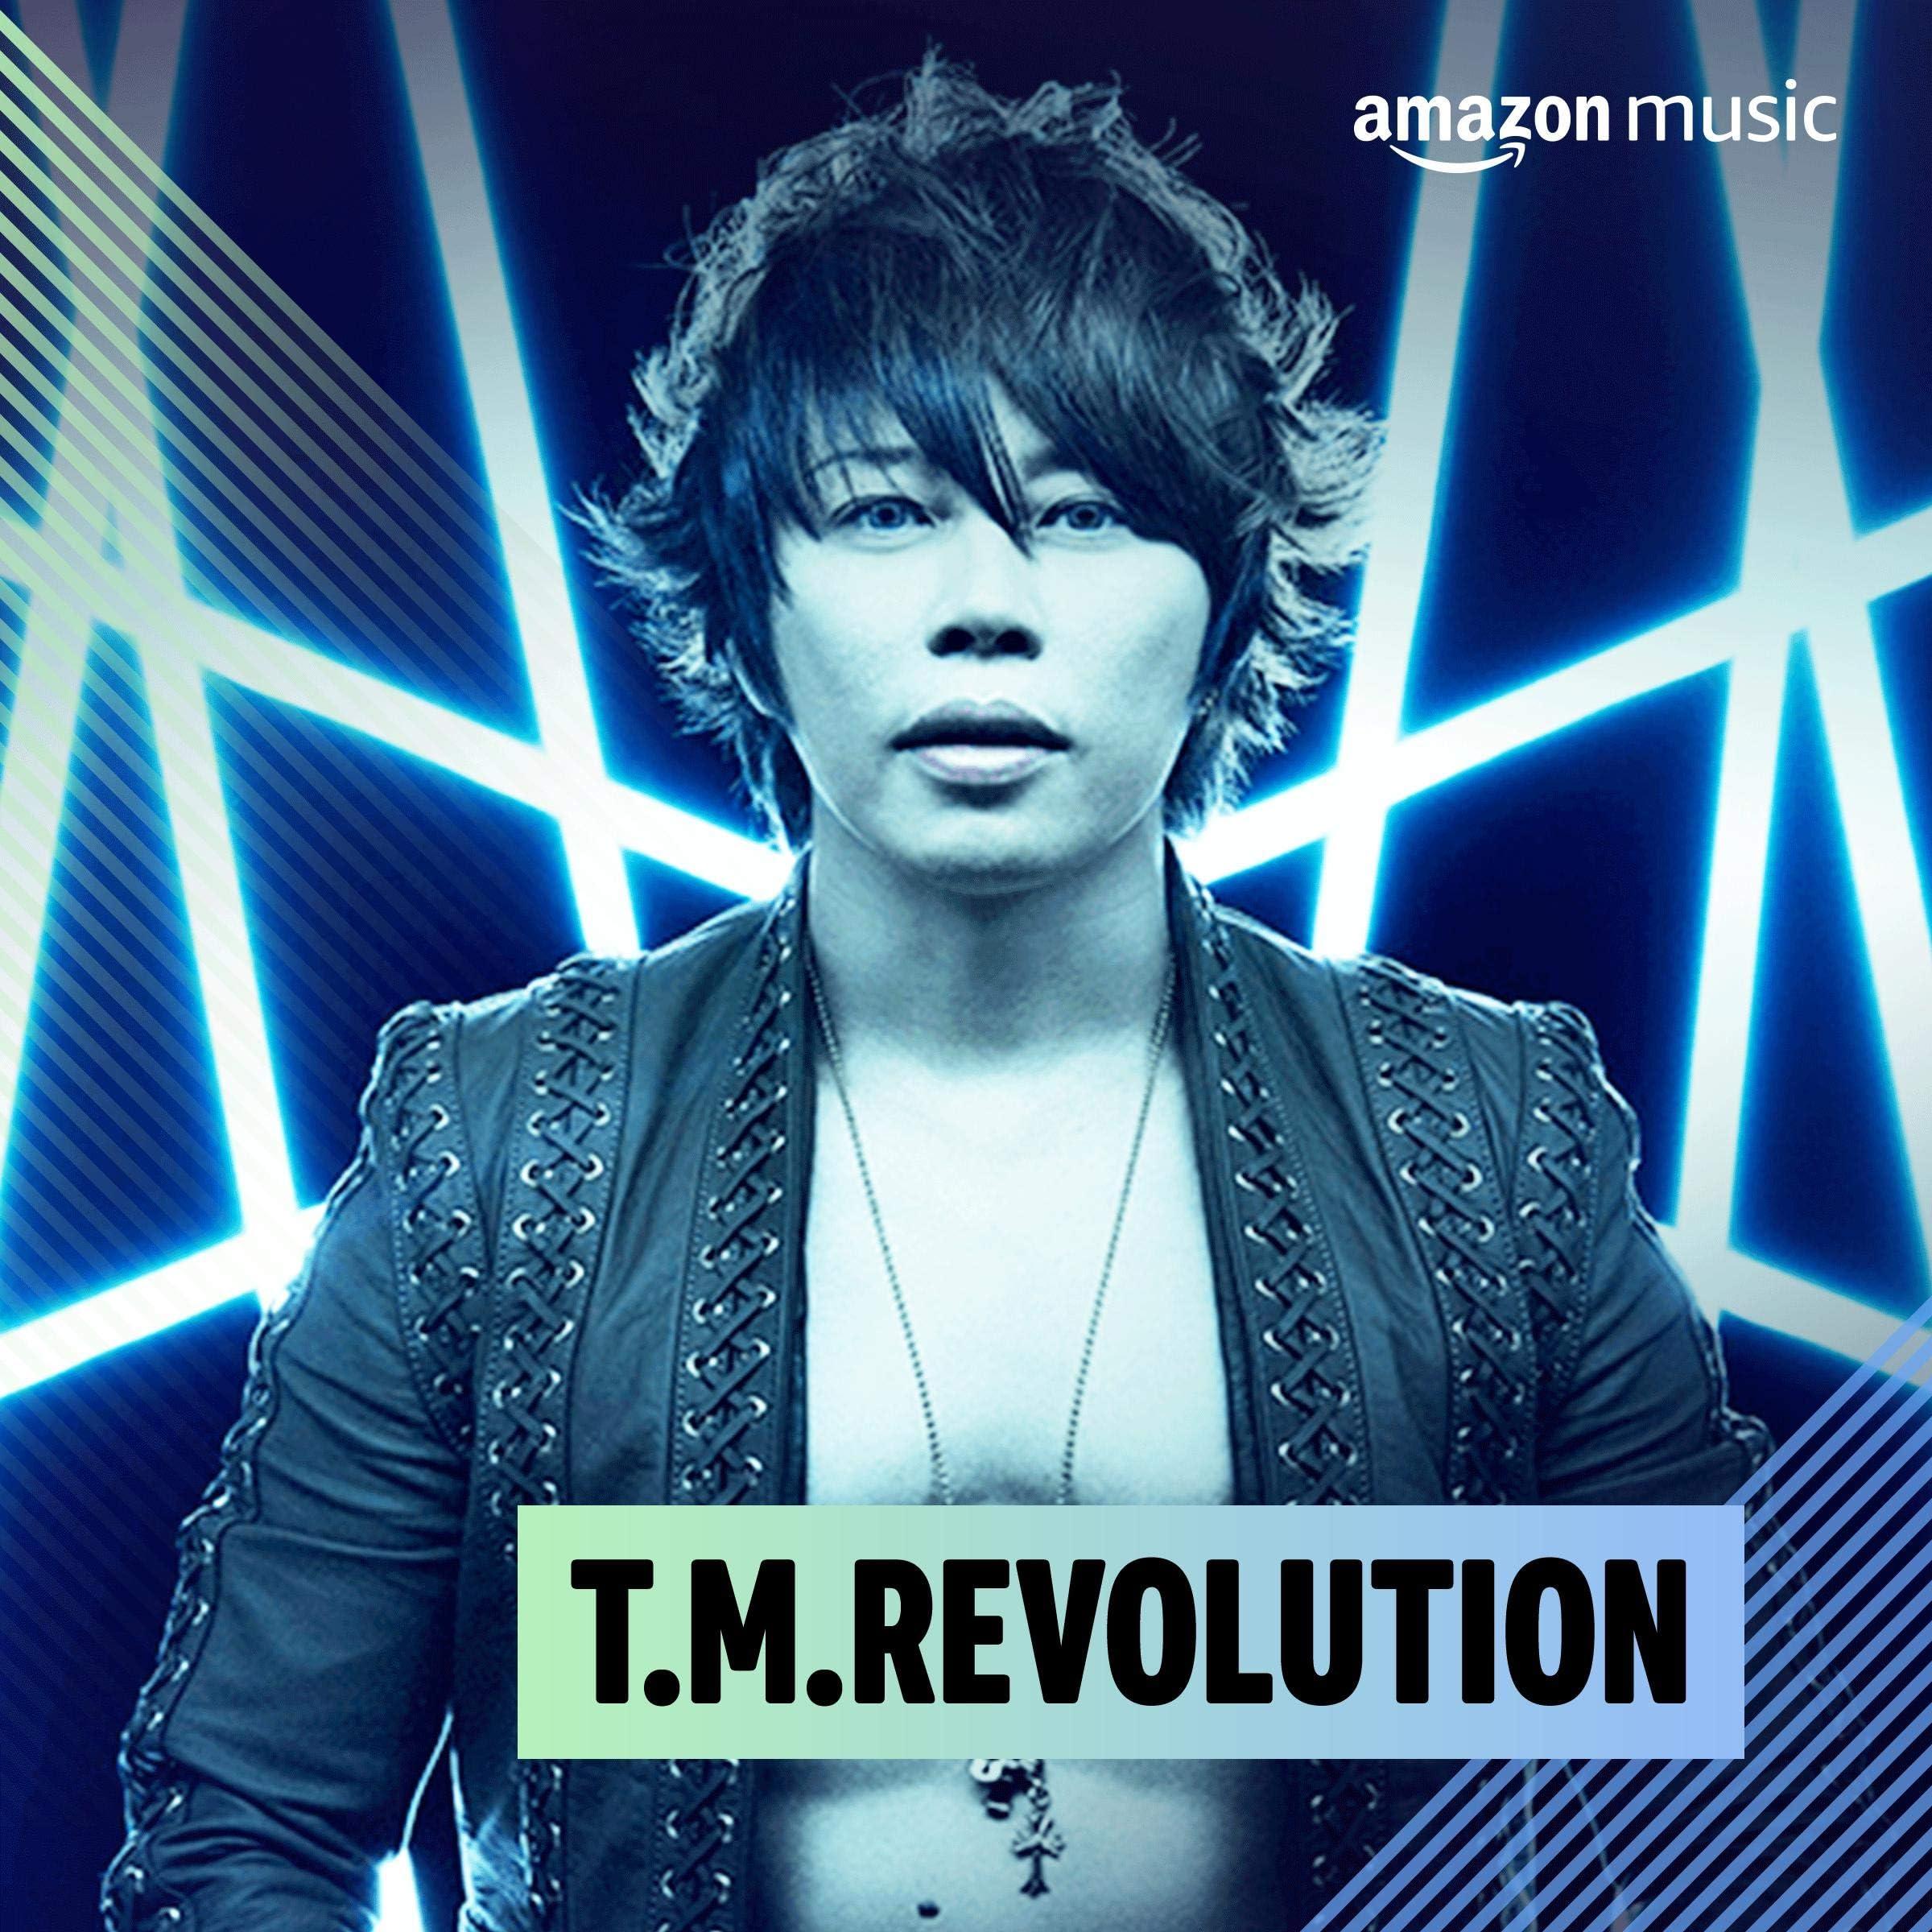 T.M.Revolutionを聴いているお客様におすすめ